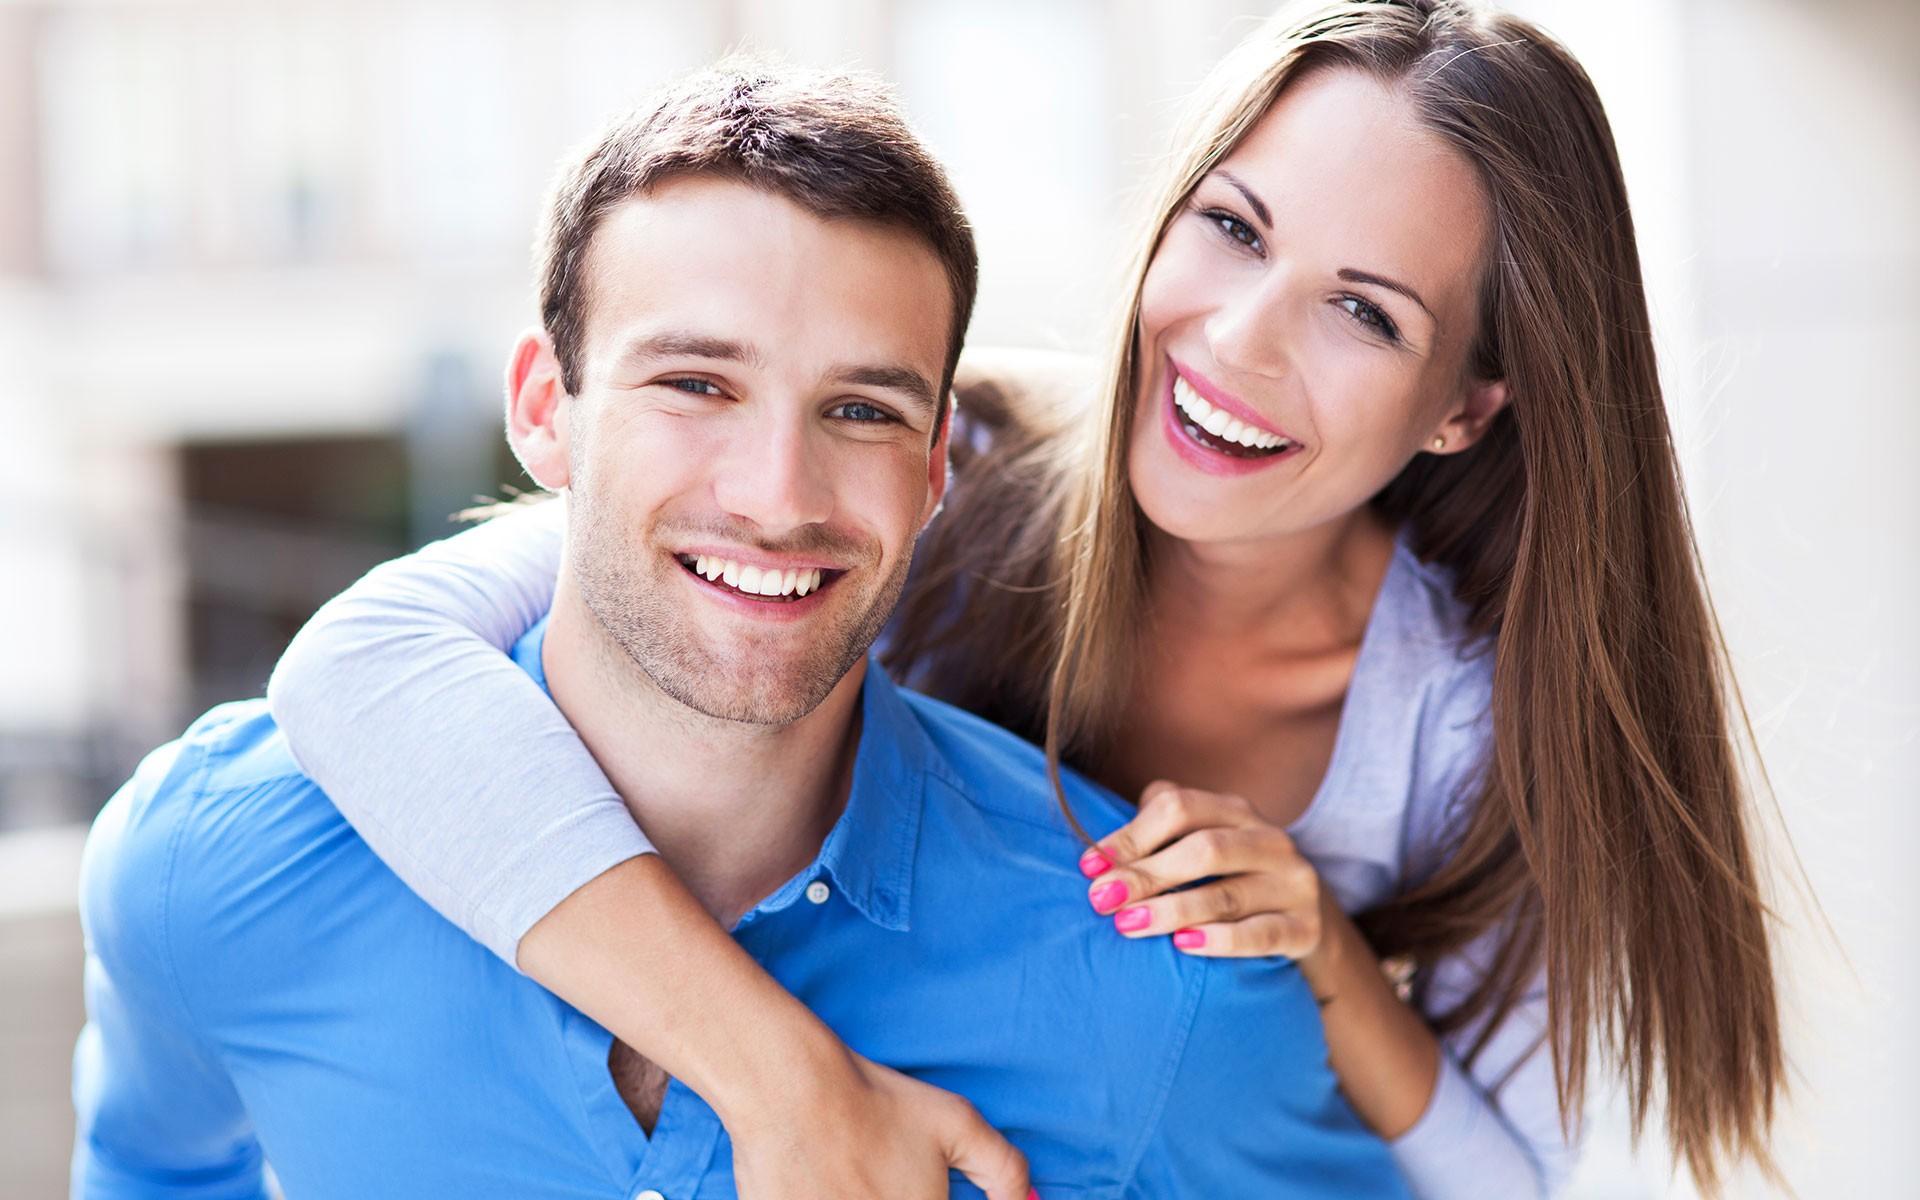 Какая идеальная разница в возрасте между супругами?